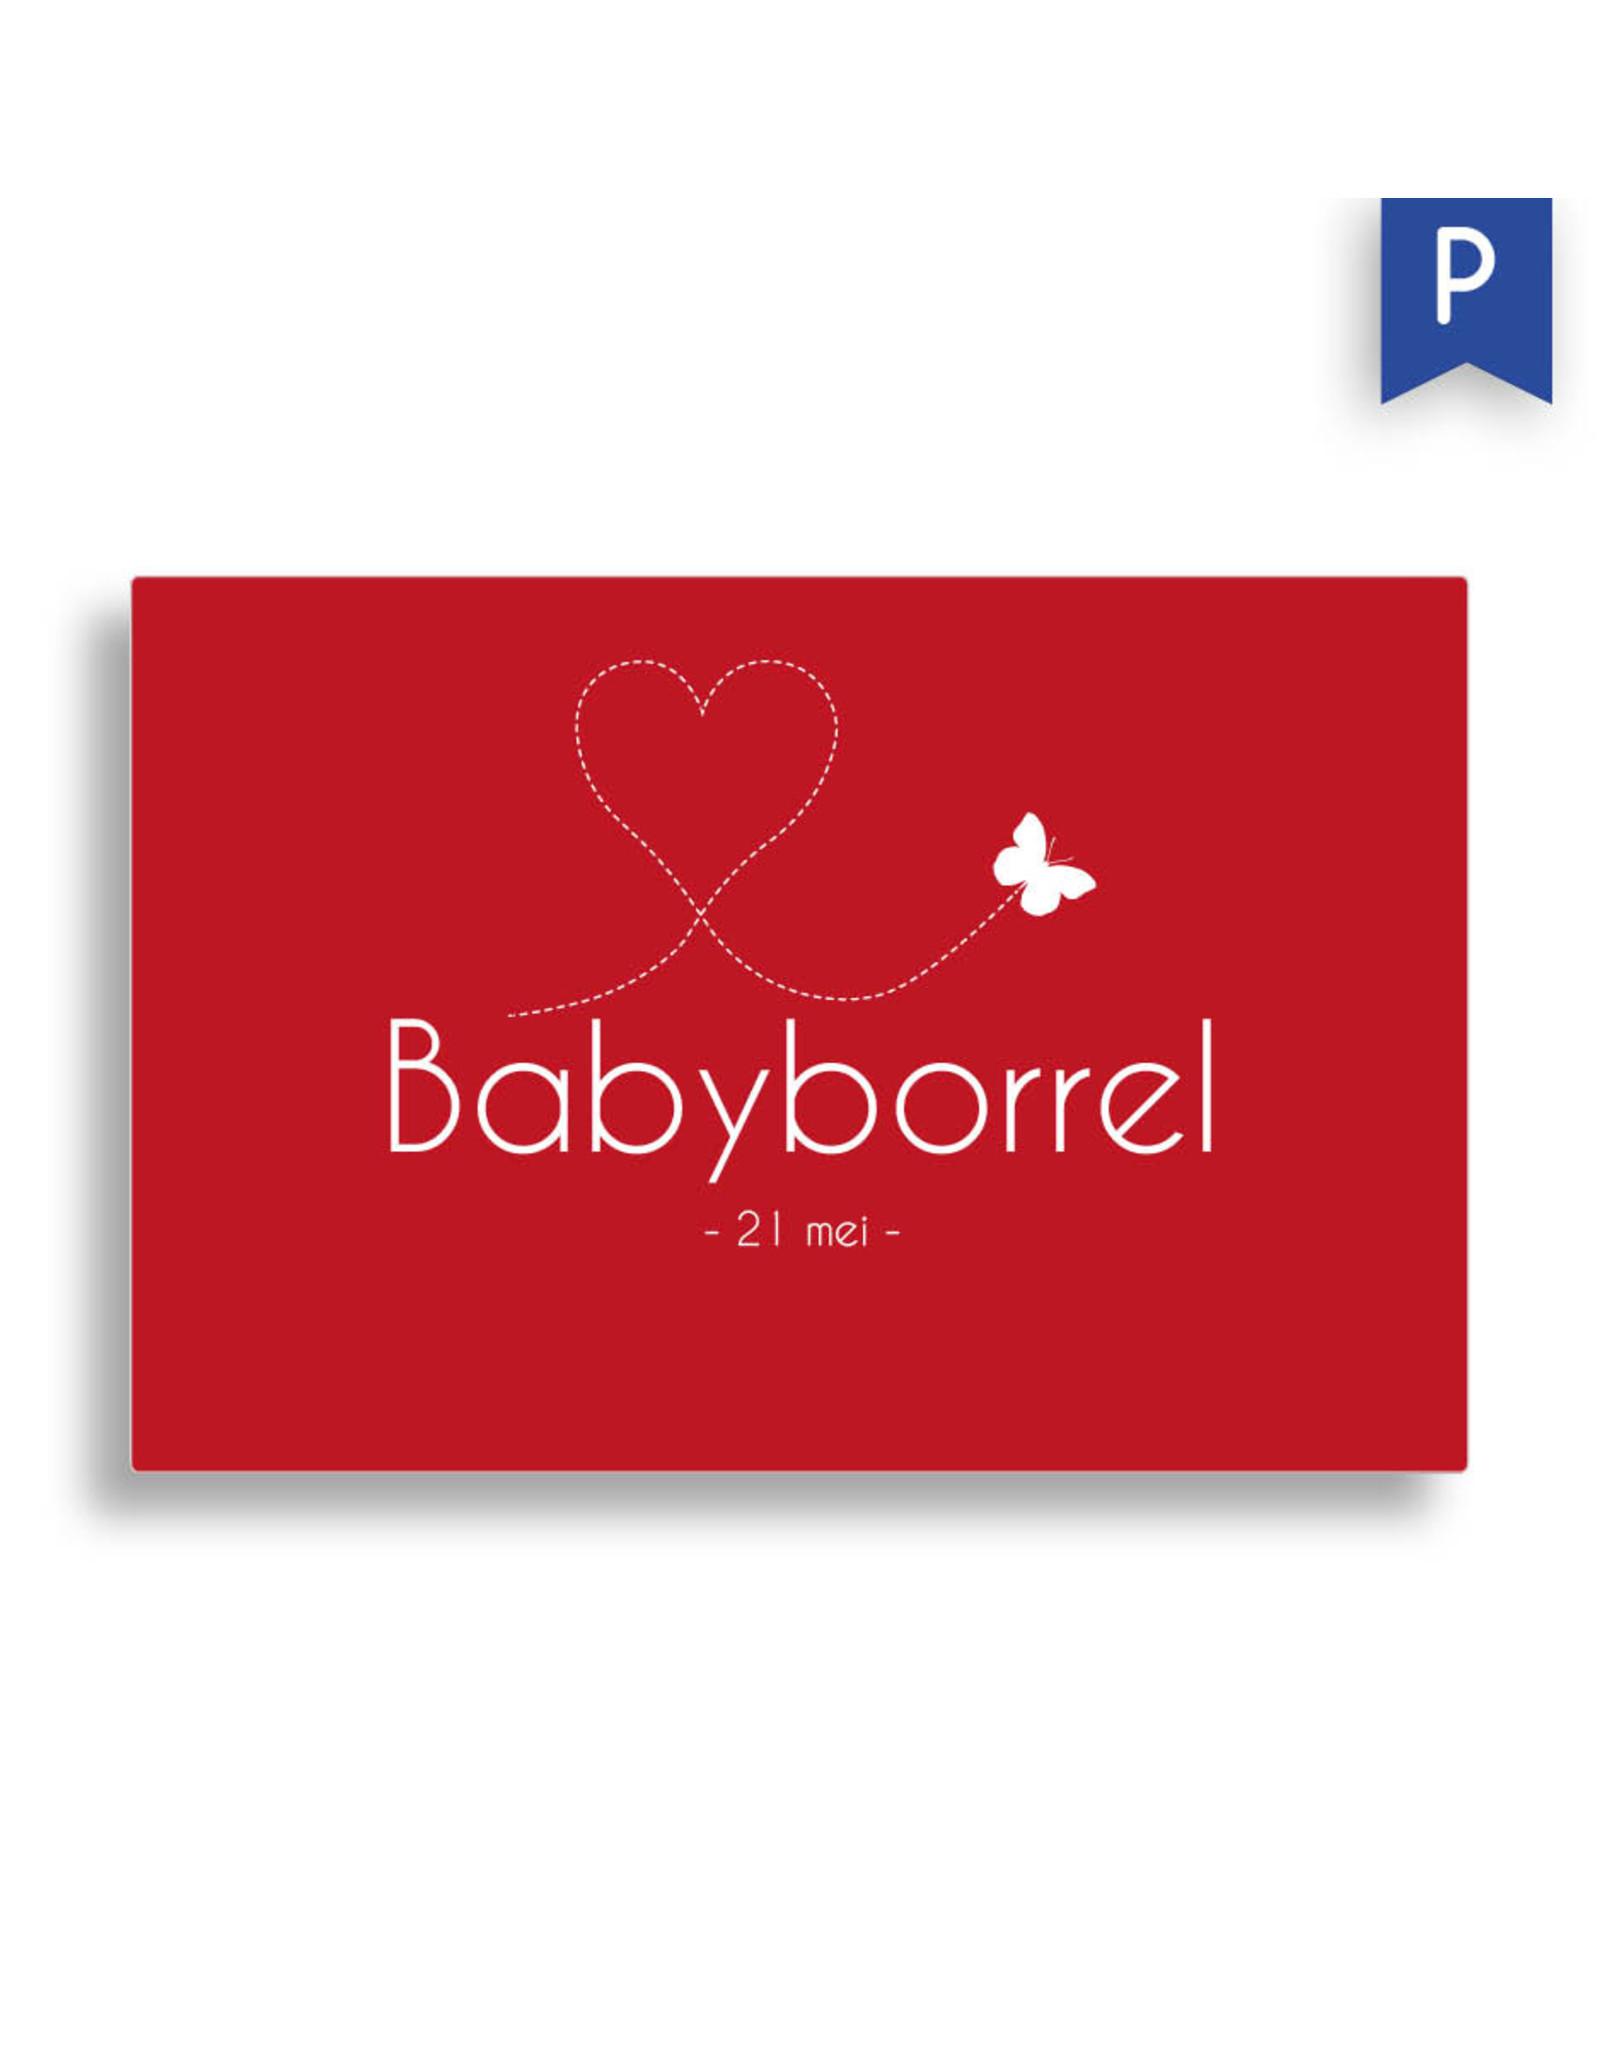 www.Robin.cards Babyborrel enkel rechthoek ROBIN